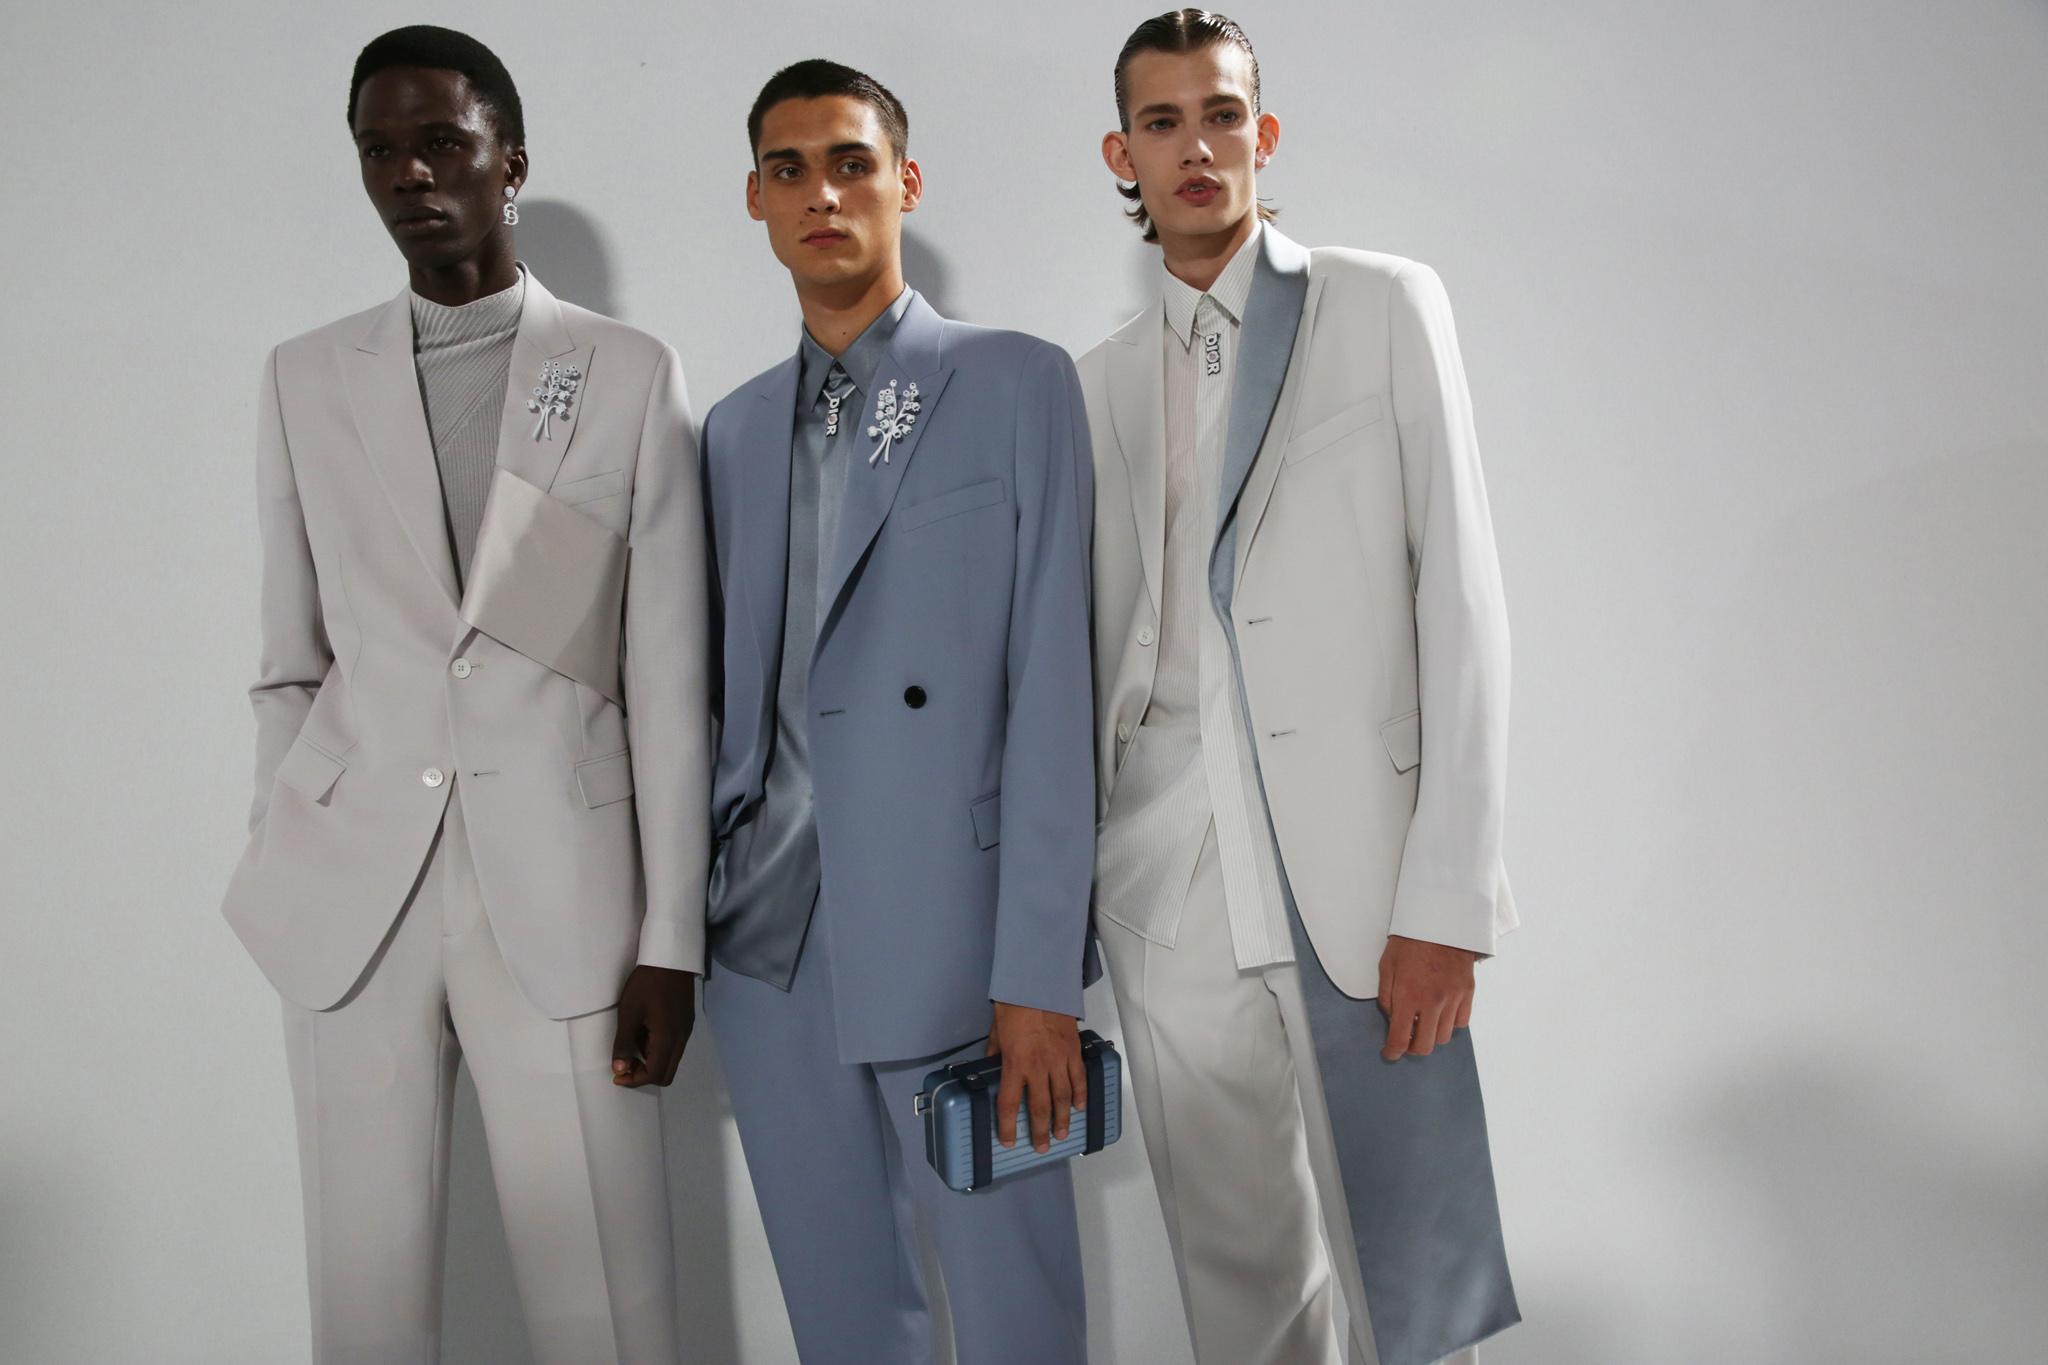 Backstage at Dior Men's Spring 2020